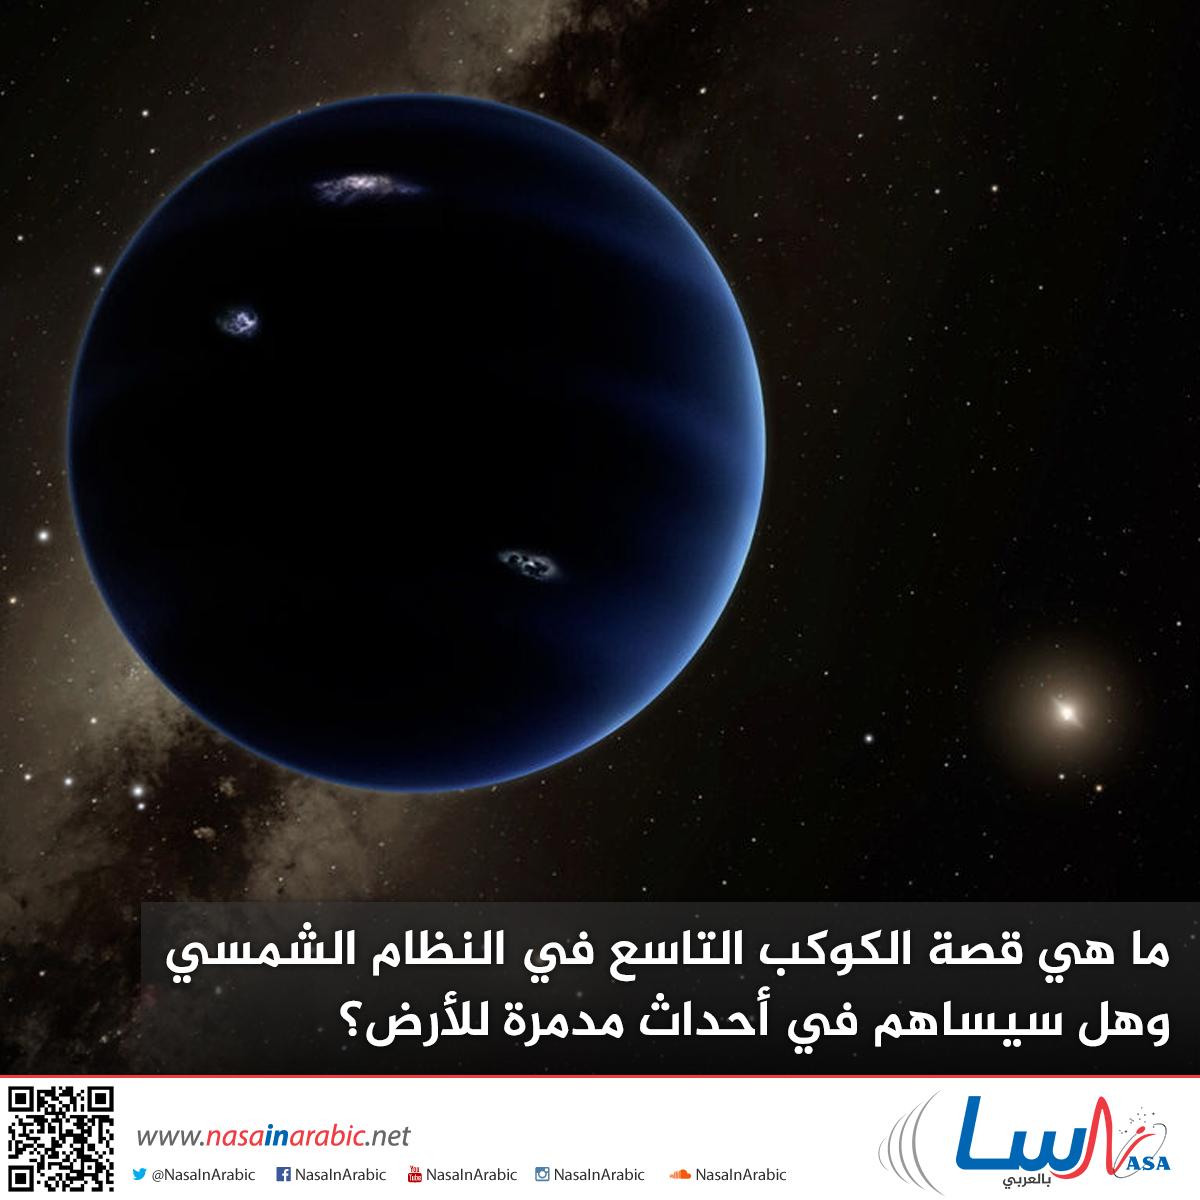 ما هي قصة الكوكب التاسع في النظام الشمسي وهل سيساهم في أحداث مدمرة للأرض؟